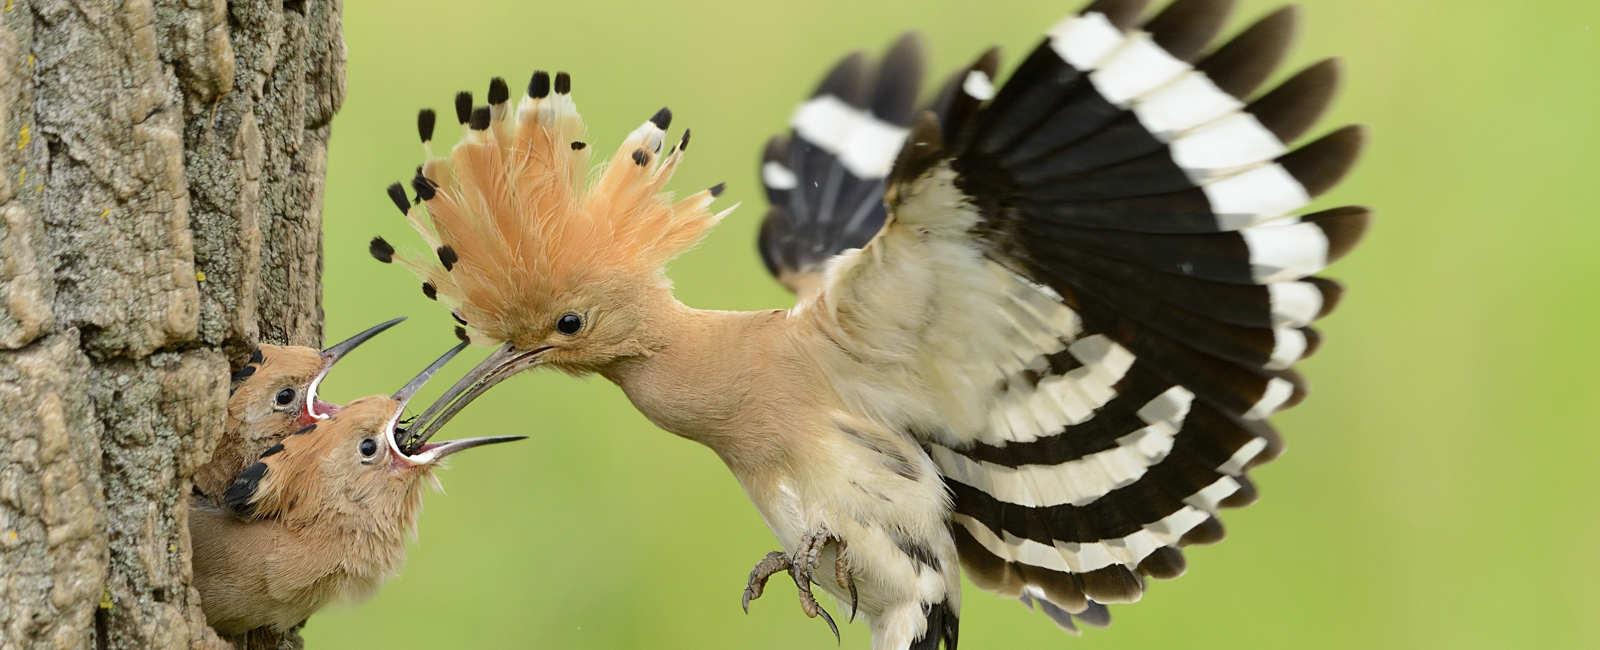 Las Aves Vuelven Al Teléfono Móvil A Través De La App Más Completa Dedicada A La Ornitología En España Biophilia